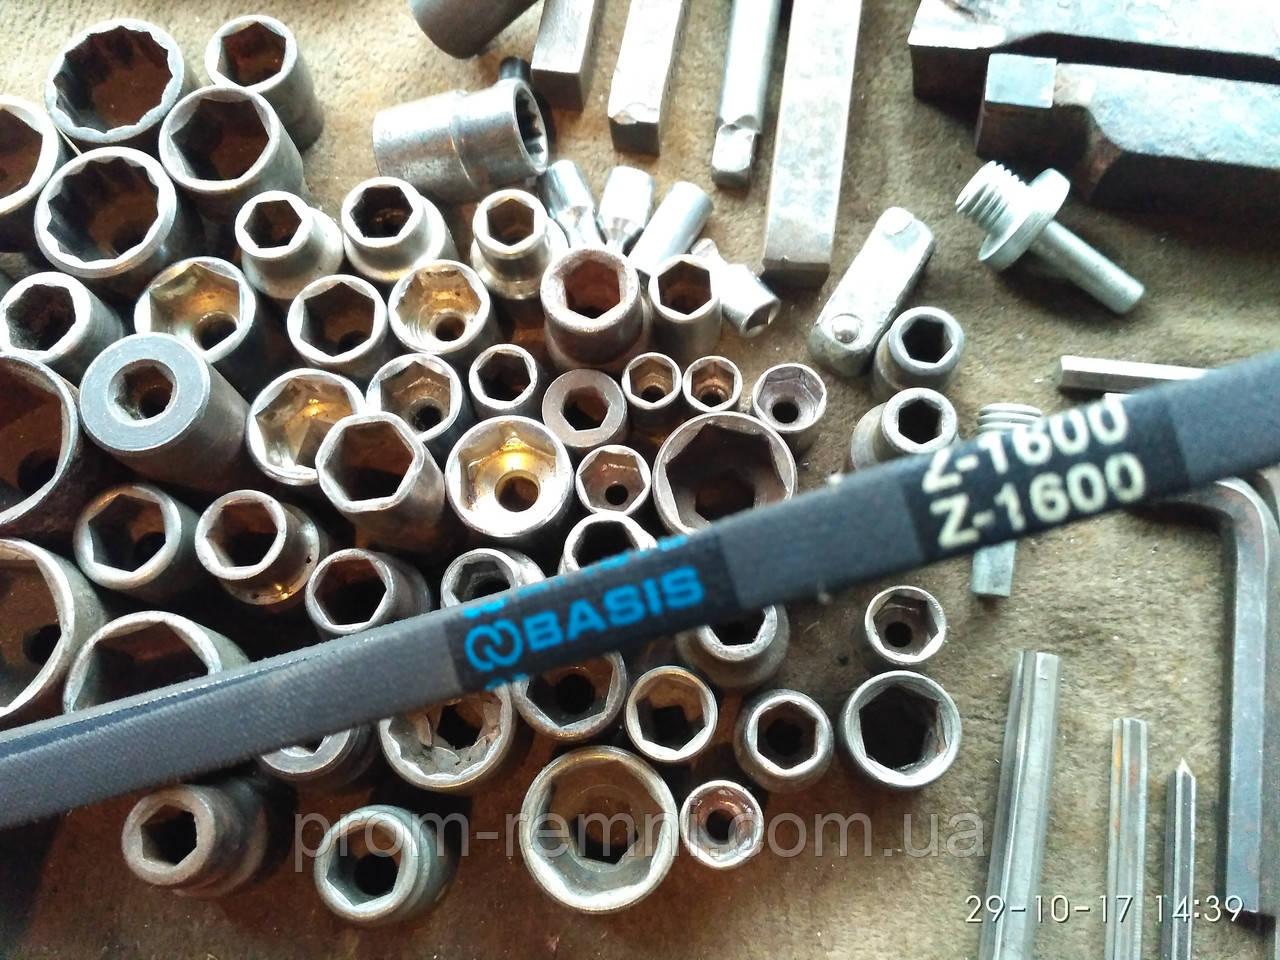 Приводний клиновий ремінь Z(0)-1600 Basis, 1600 мм